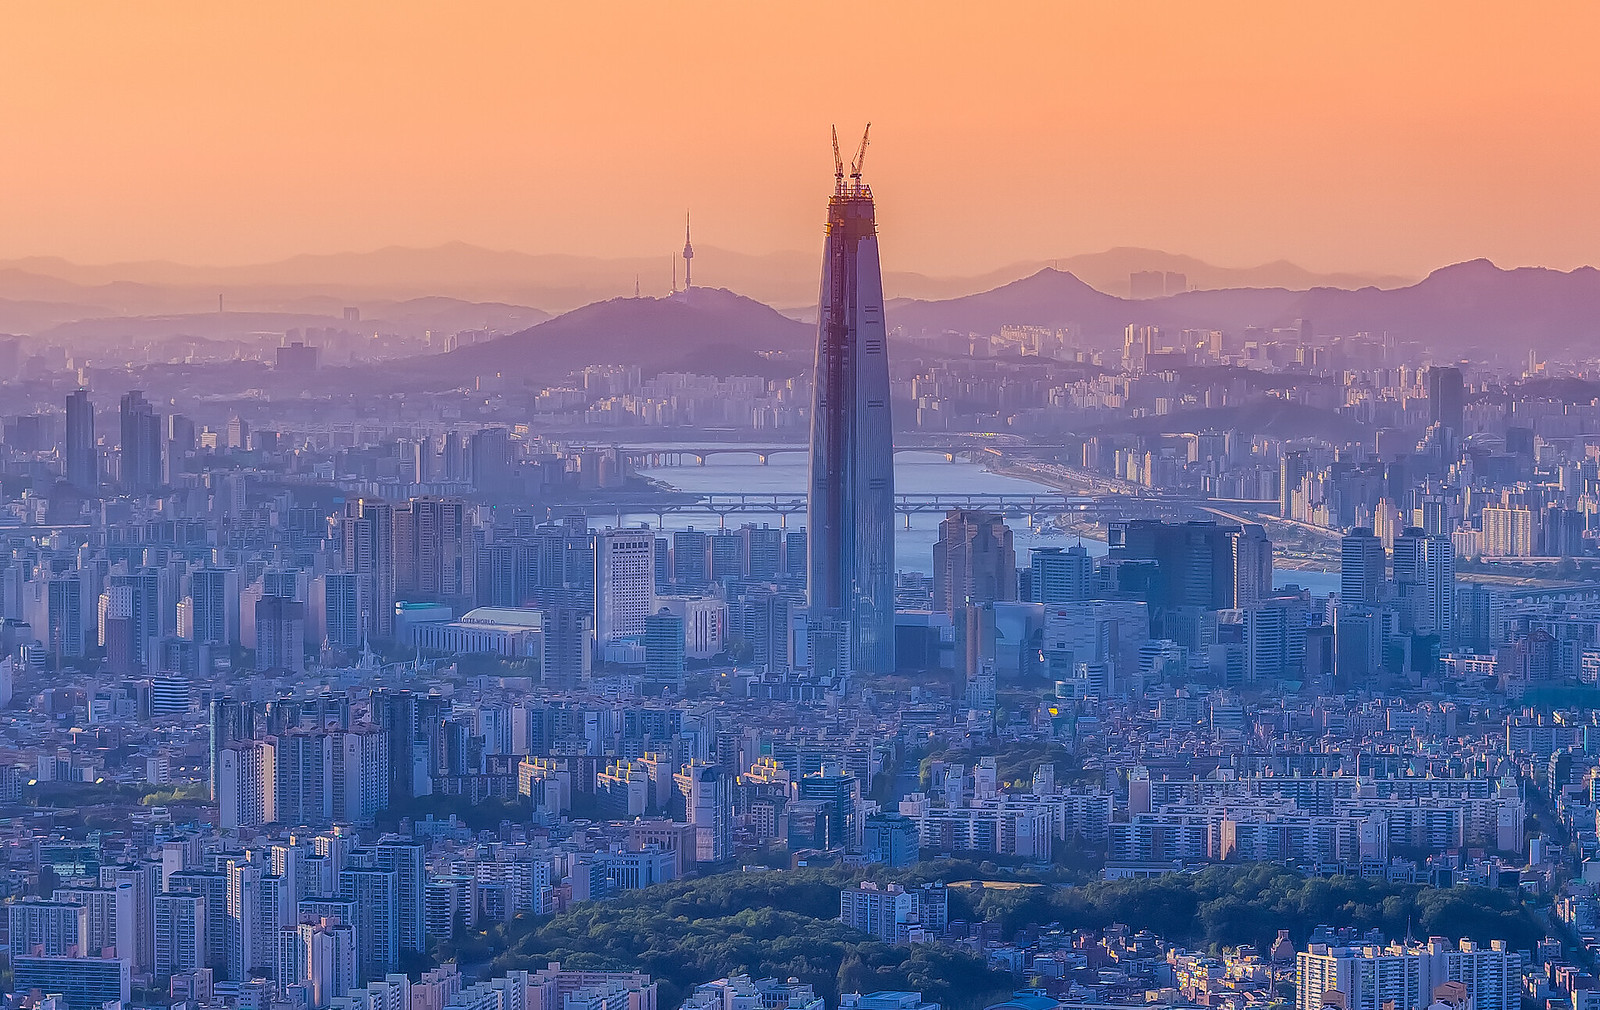 """Đến lượt Hàn Quốc """"trúng"""" lời nguyền nhà chọc trời mà mọi nền kinh tế đều khiếp sợ"""